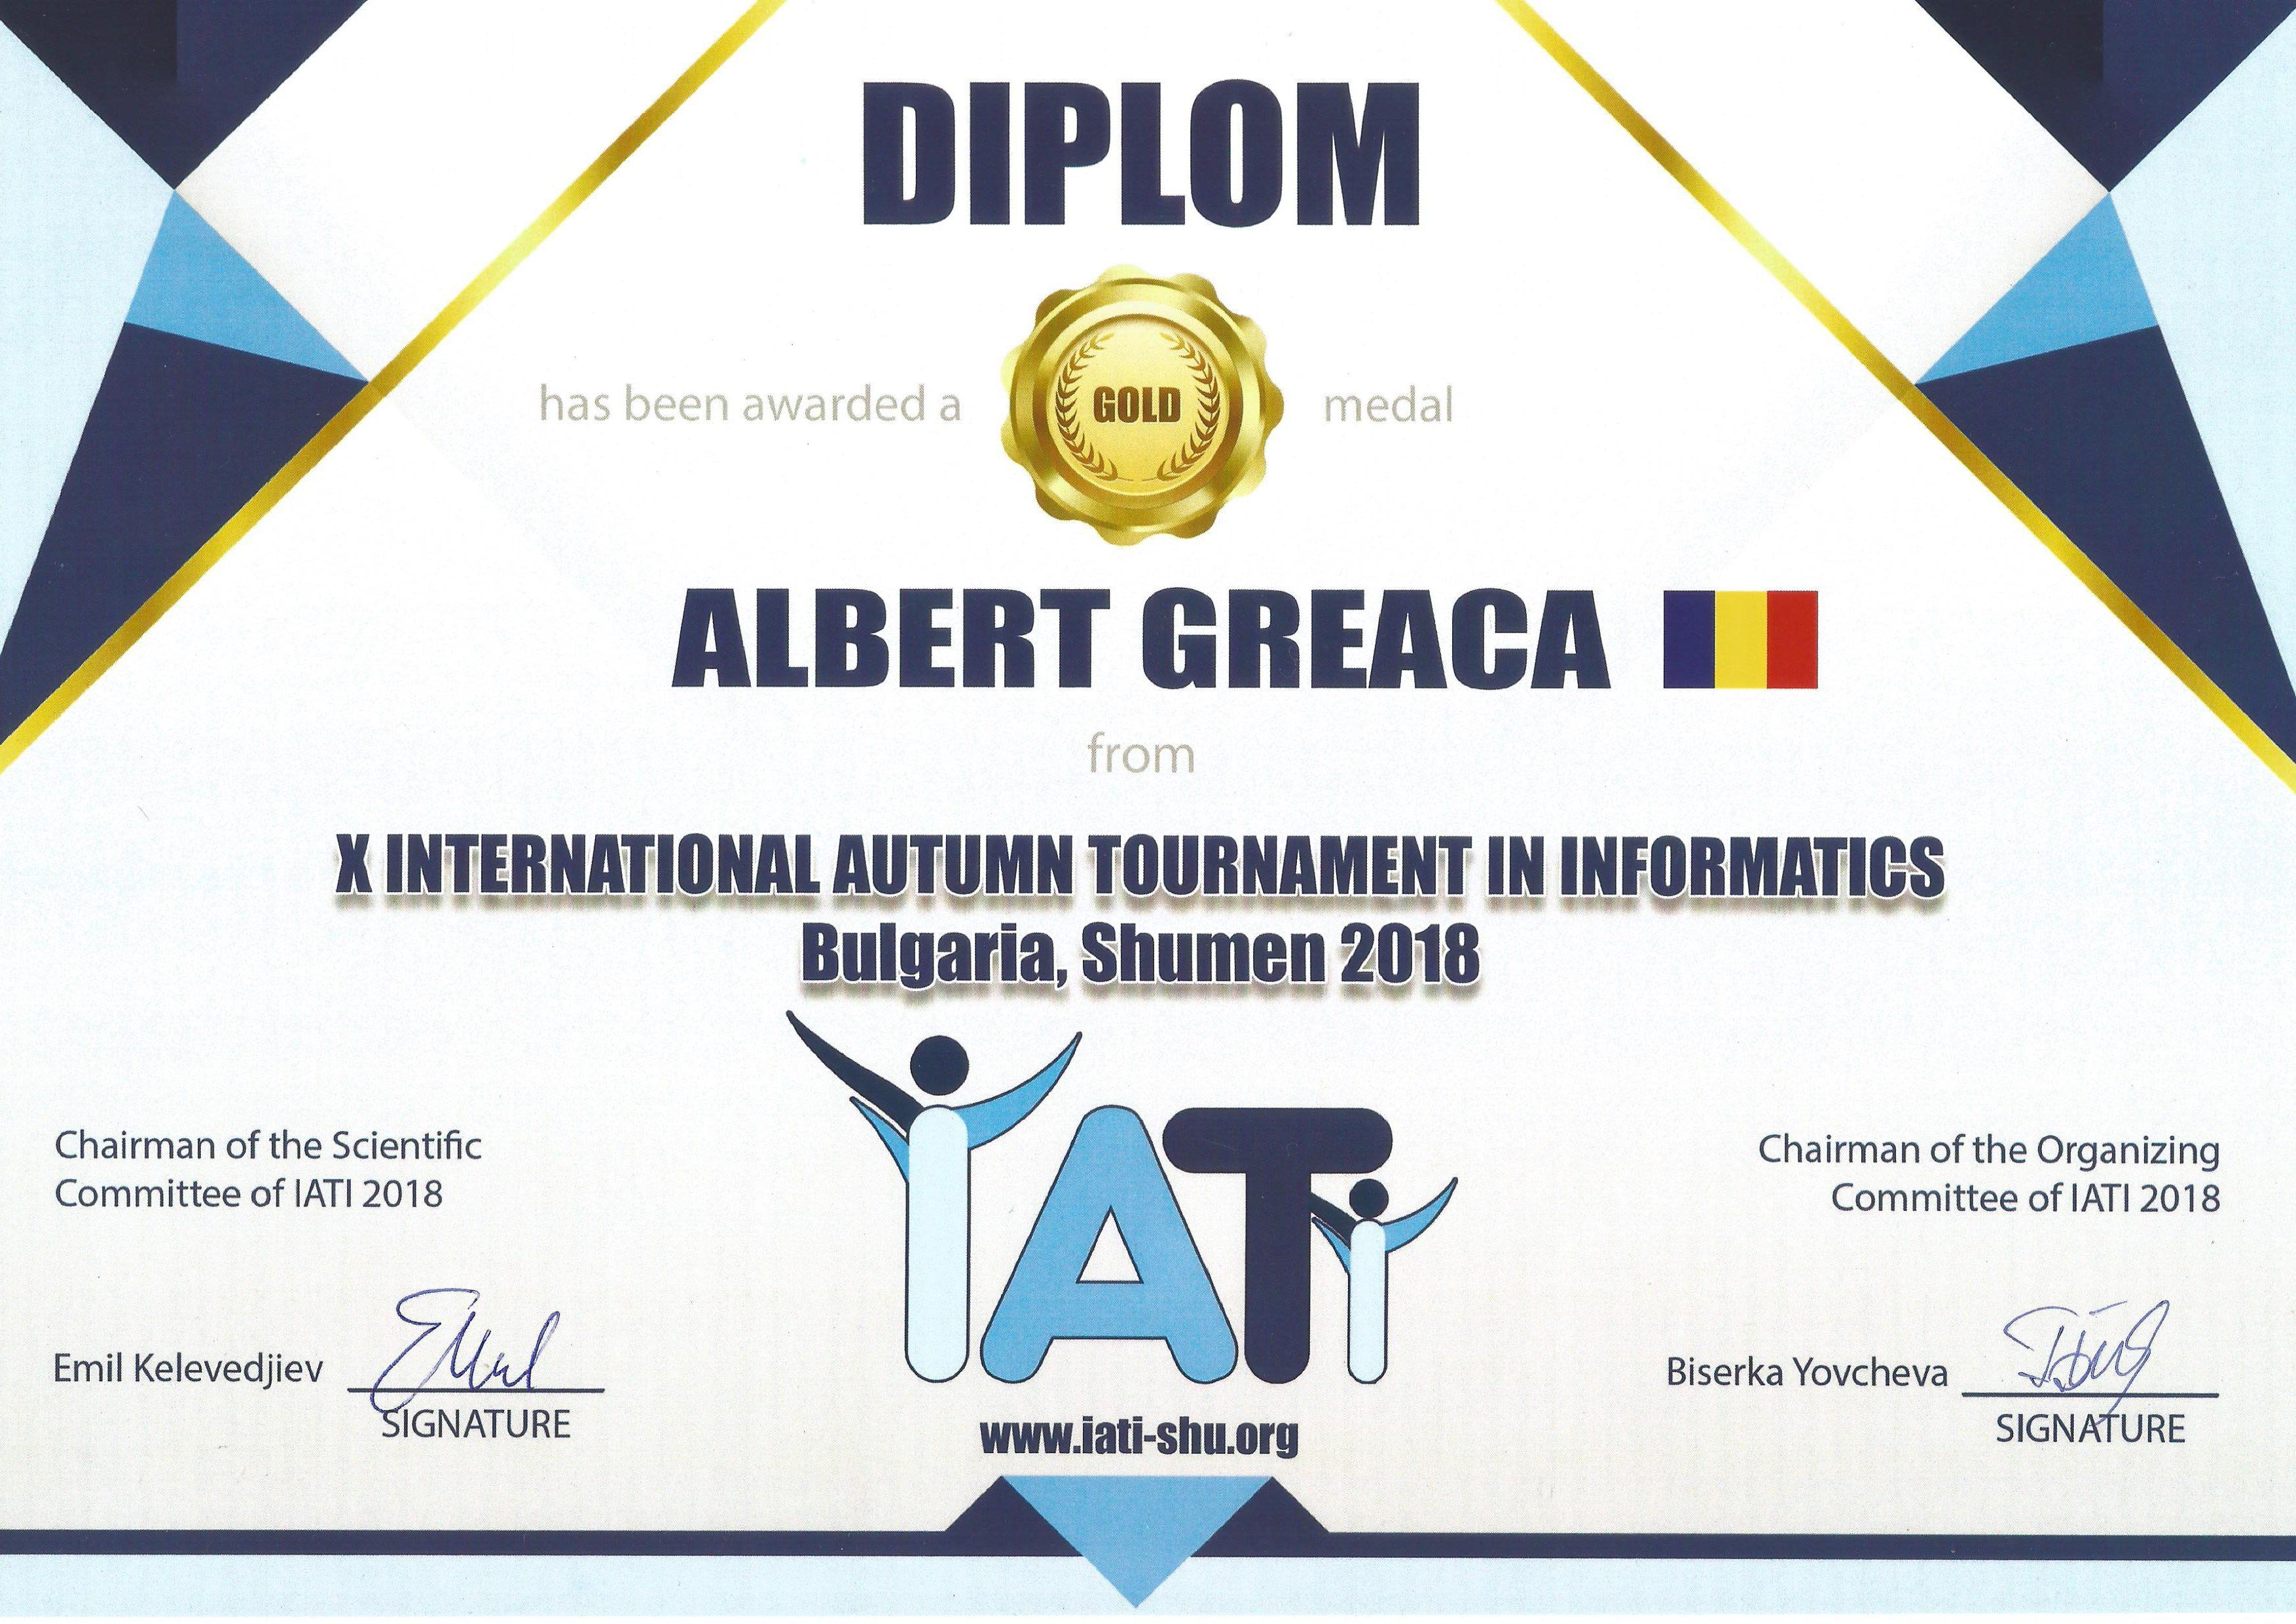 Greaca Albert Diploma Shumen 2018 Gold medal